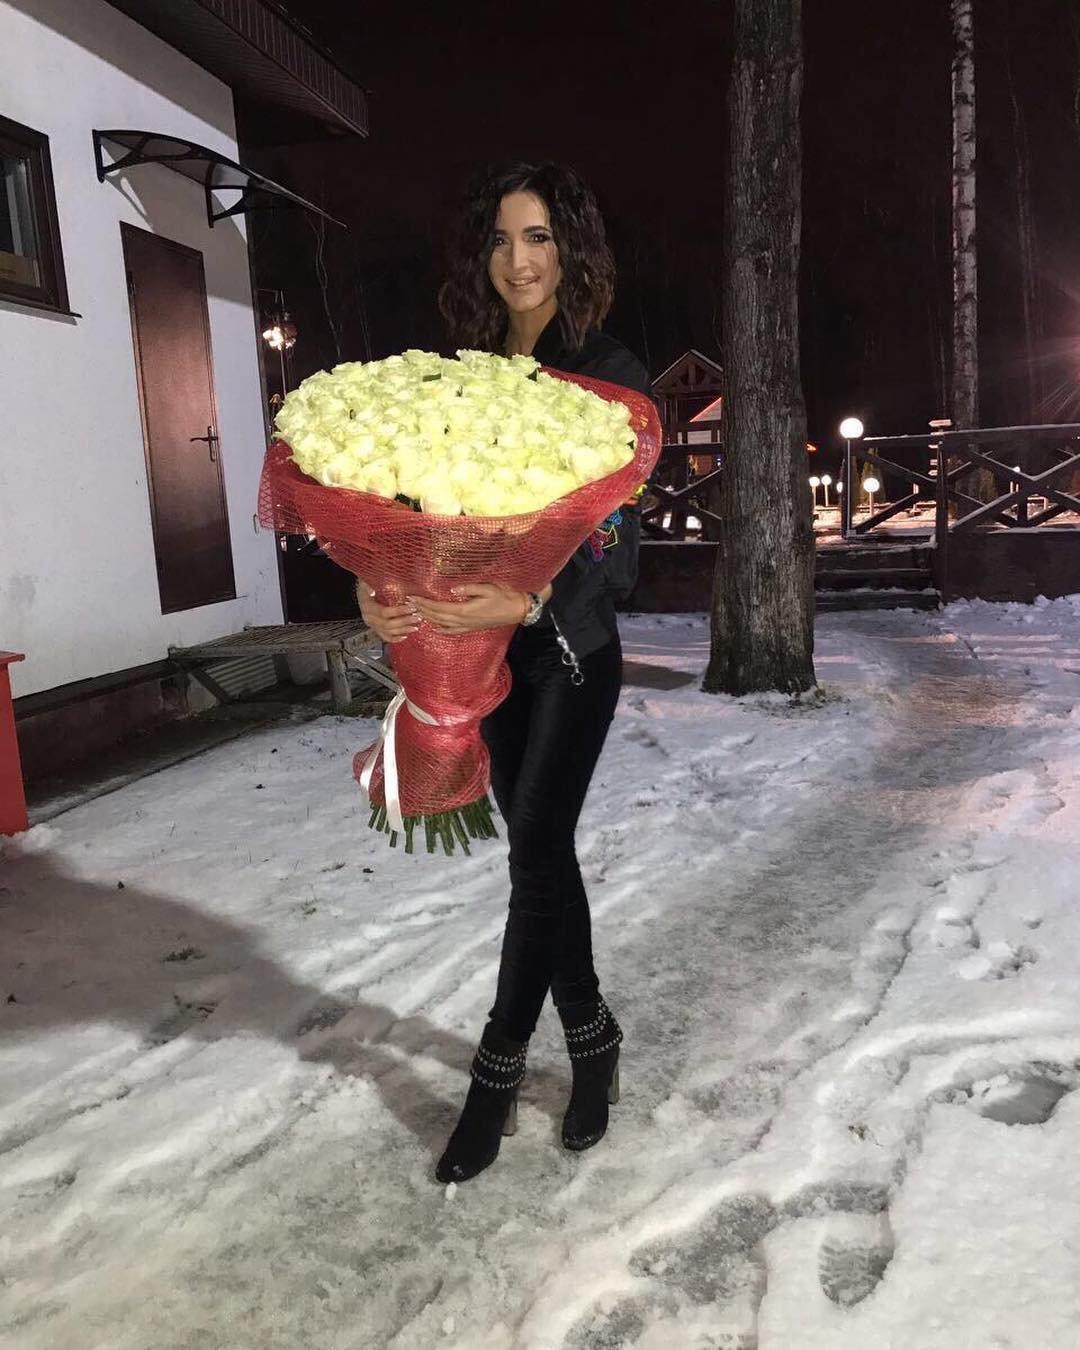 Новый юноша Ольги Бузовой подарил ей немалый букет белых роз